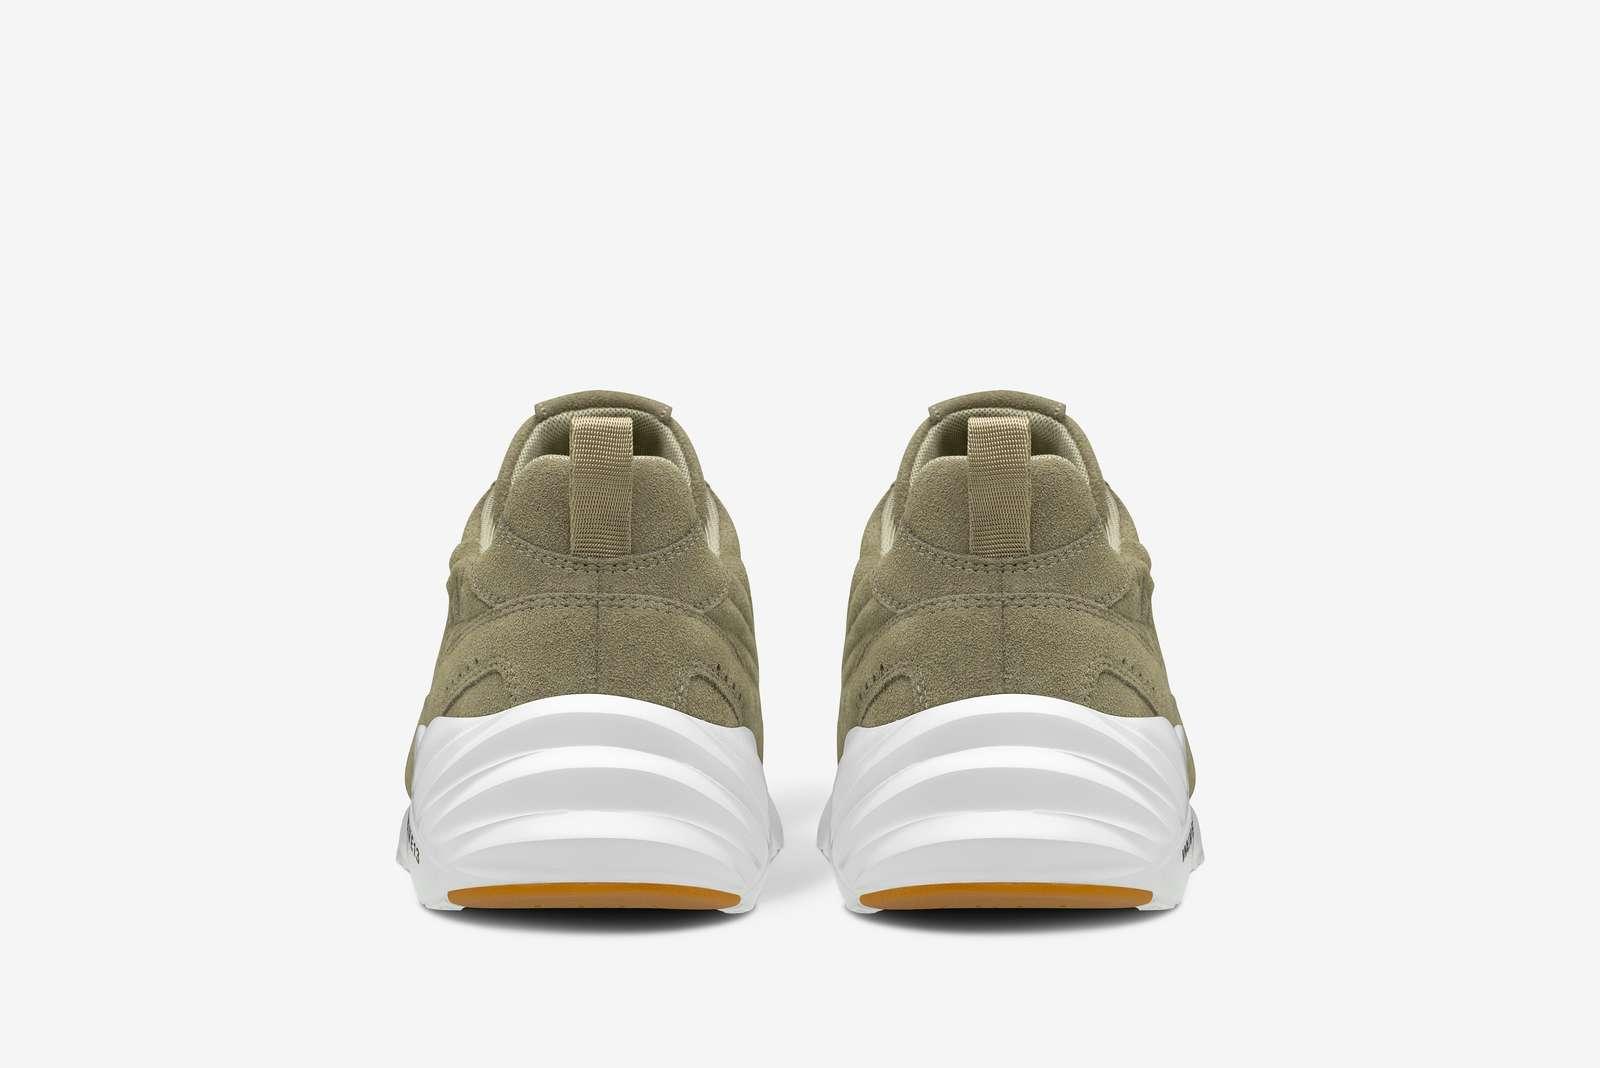 ARKK Copenhagen Tencraft Suede sneakers, army gum, 42